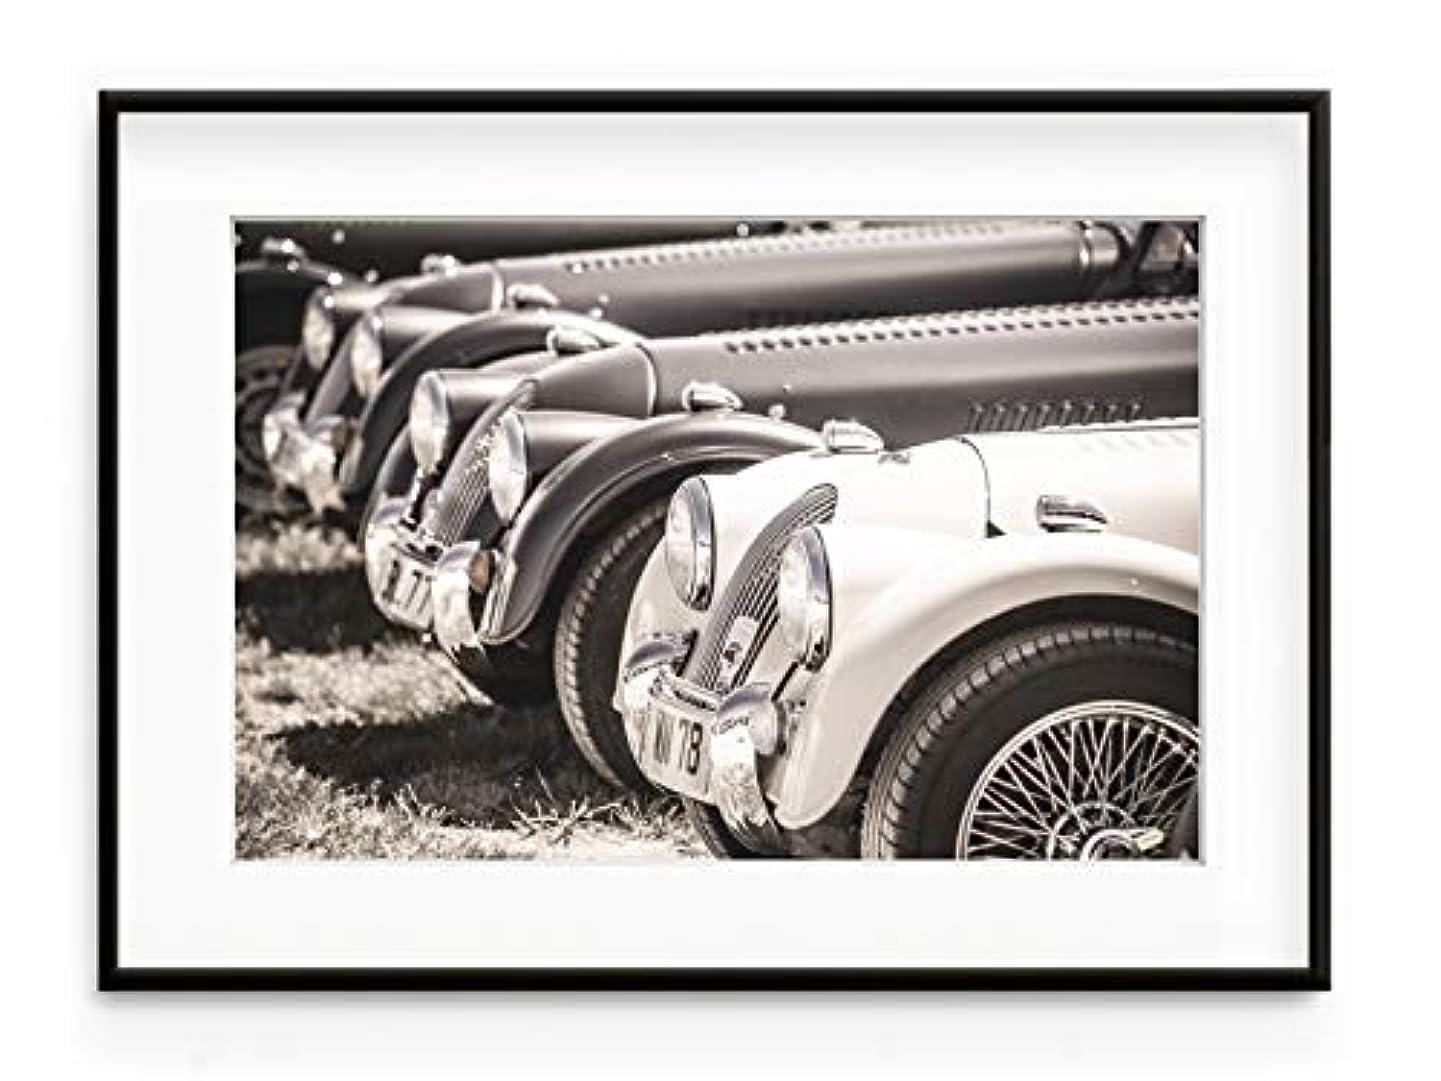 Morgan, Aluminium Frame, Full Format, Multicolored, 40x50